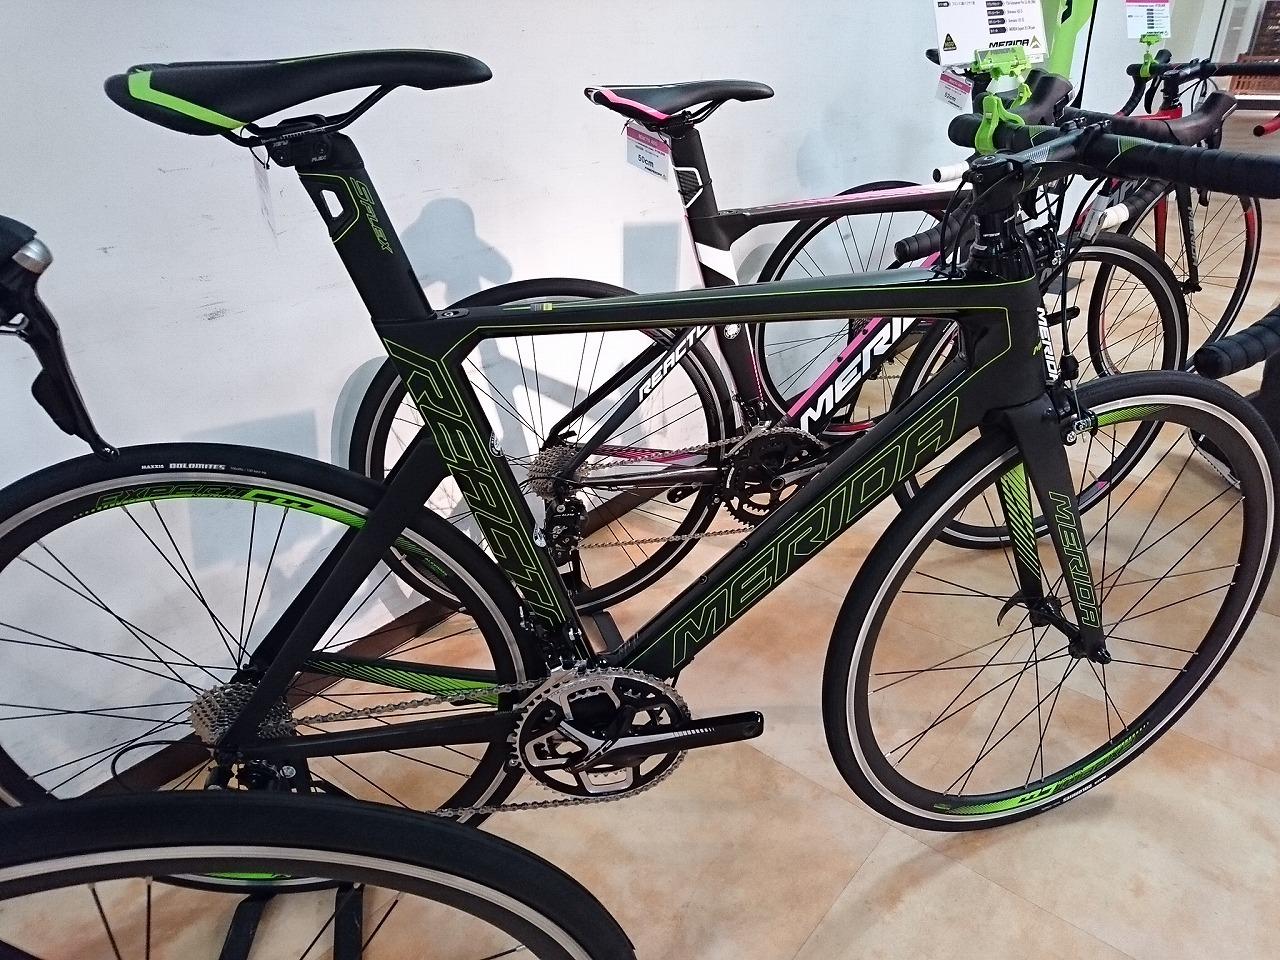 REACT5000 カラー:アントラシート/グリーン サイズ:50